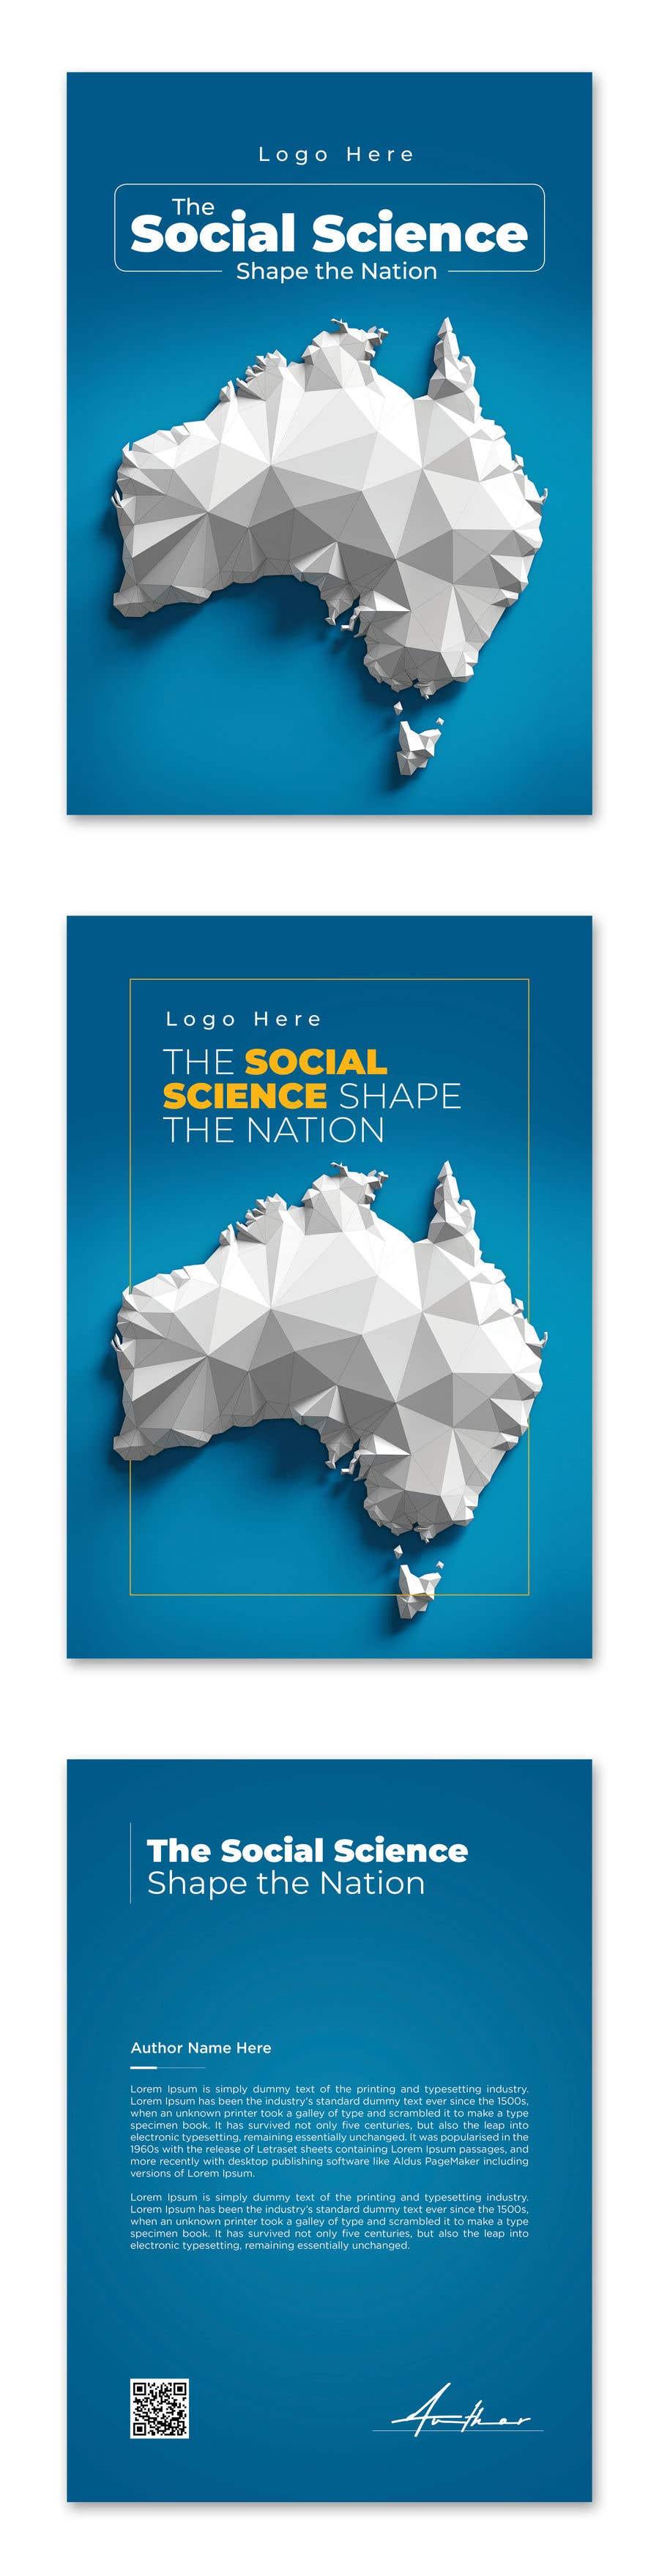 Konkurrenceindlæg #5 for Video cover design (InDesign)